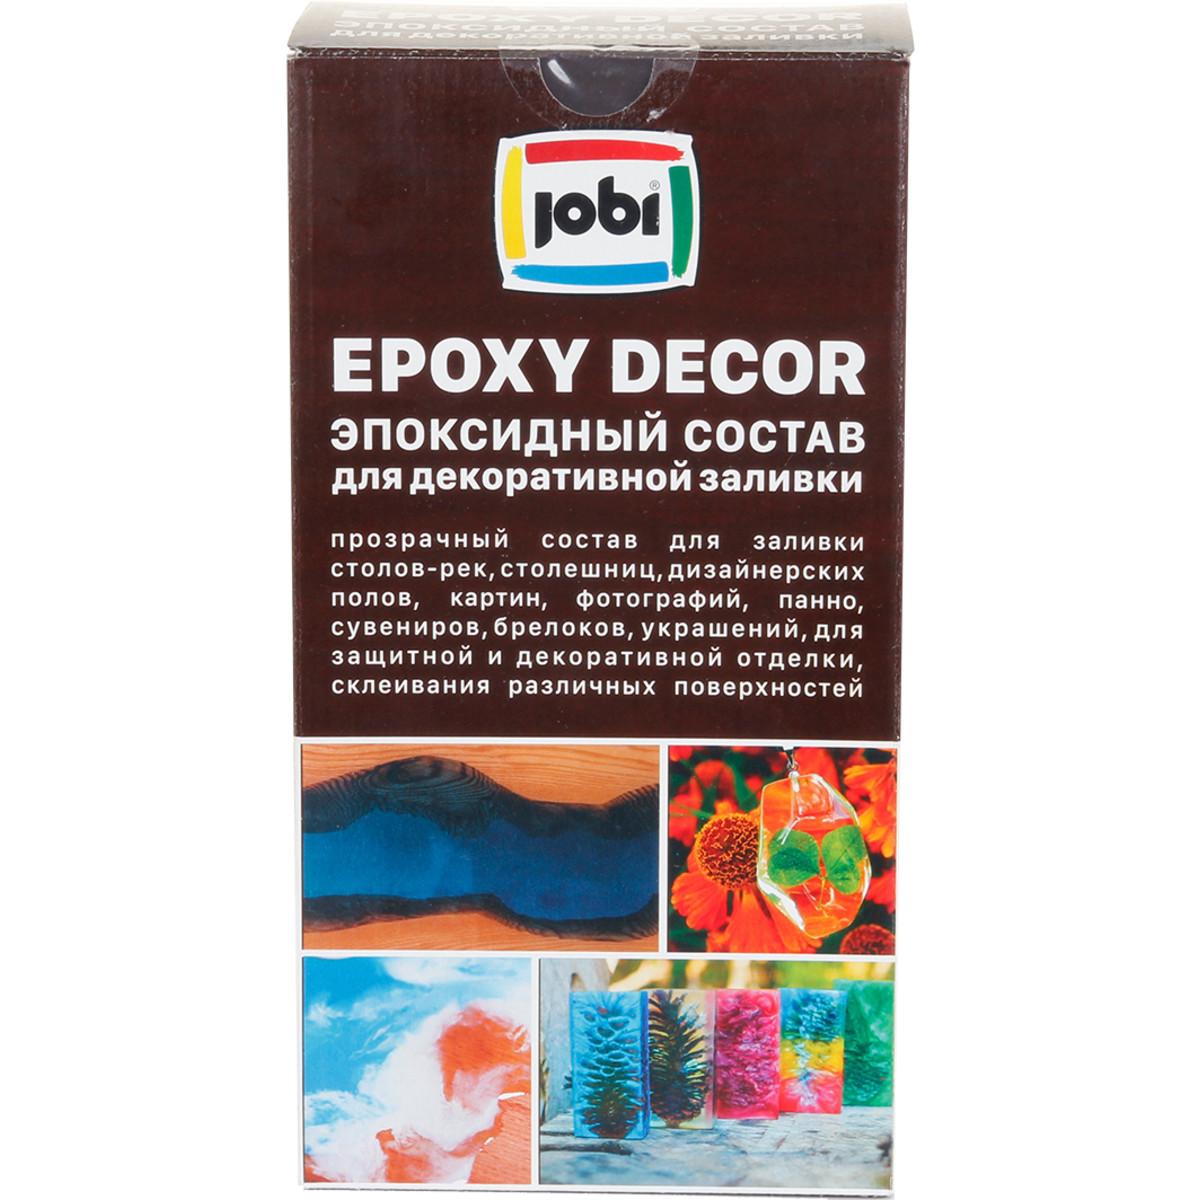 Состав эпоксидный Jobi  для декоративной заливки 1.35 кг